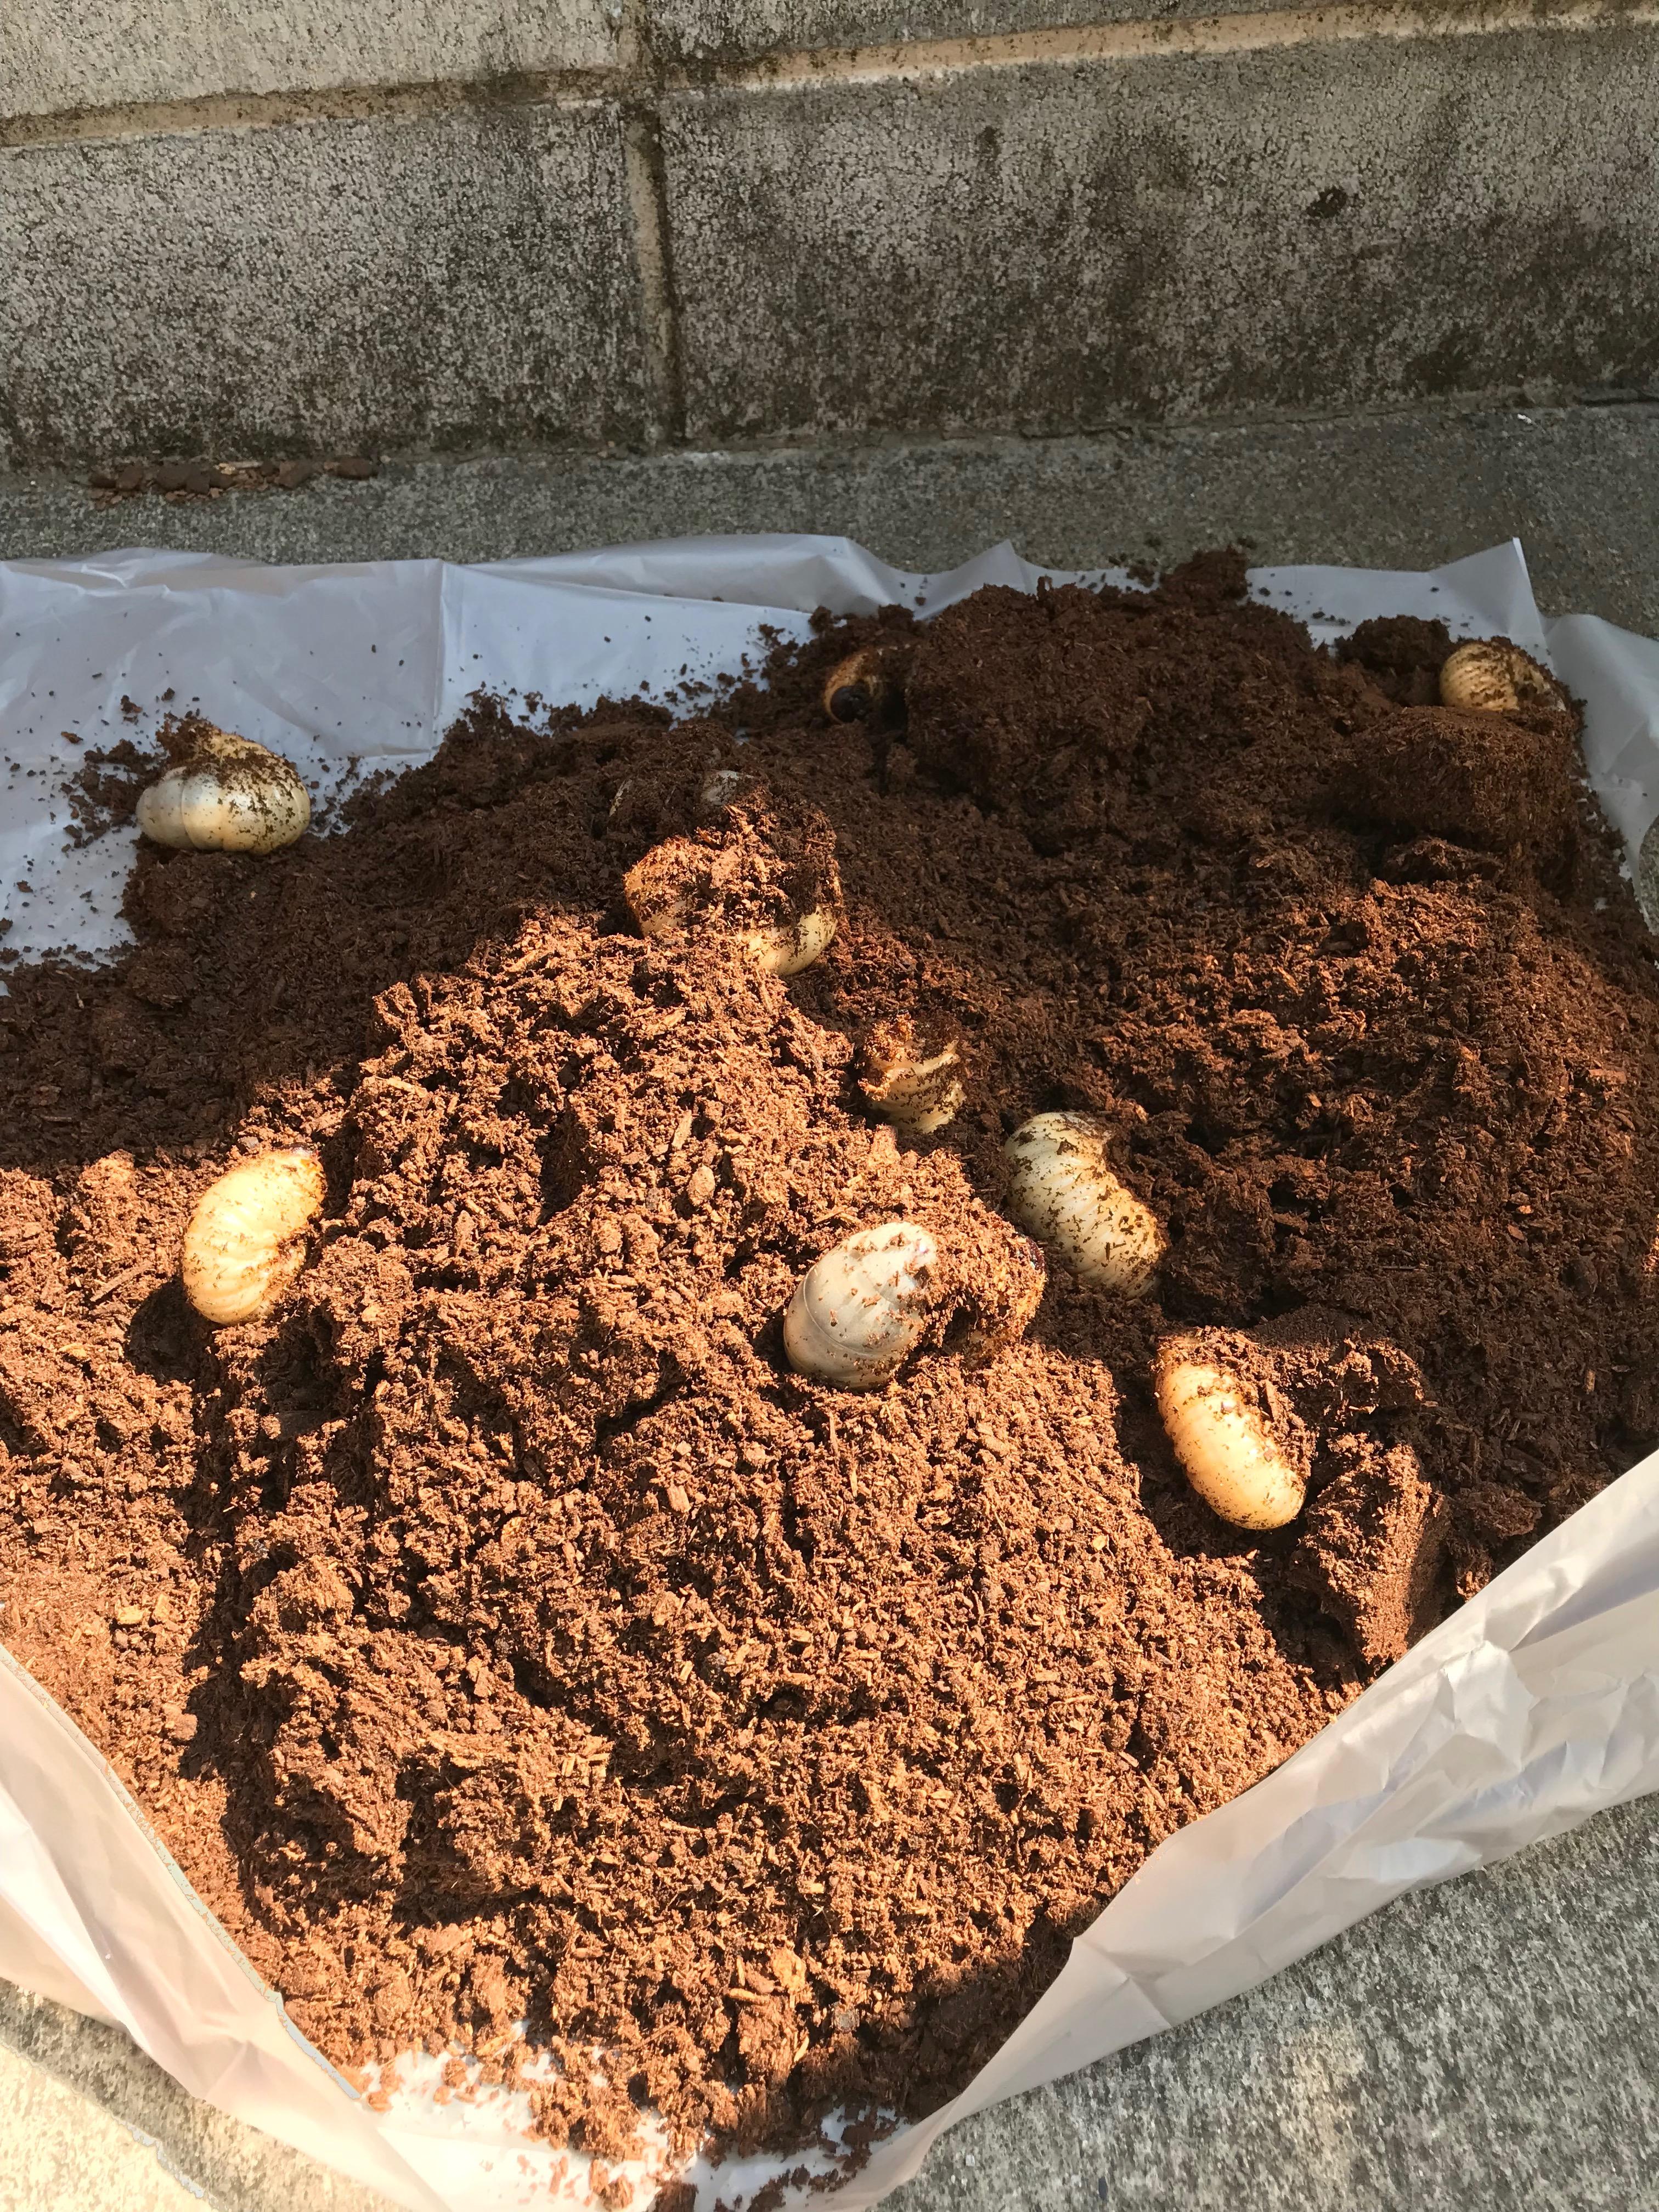 カブトムシの幼虫を28匹育てた!卵〜成虫の飼育スケジュールと必要グッズ